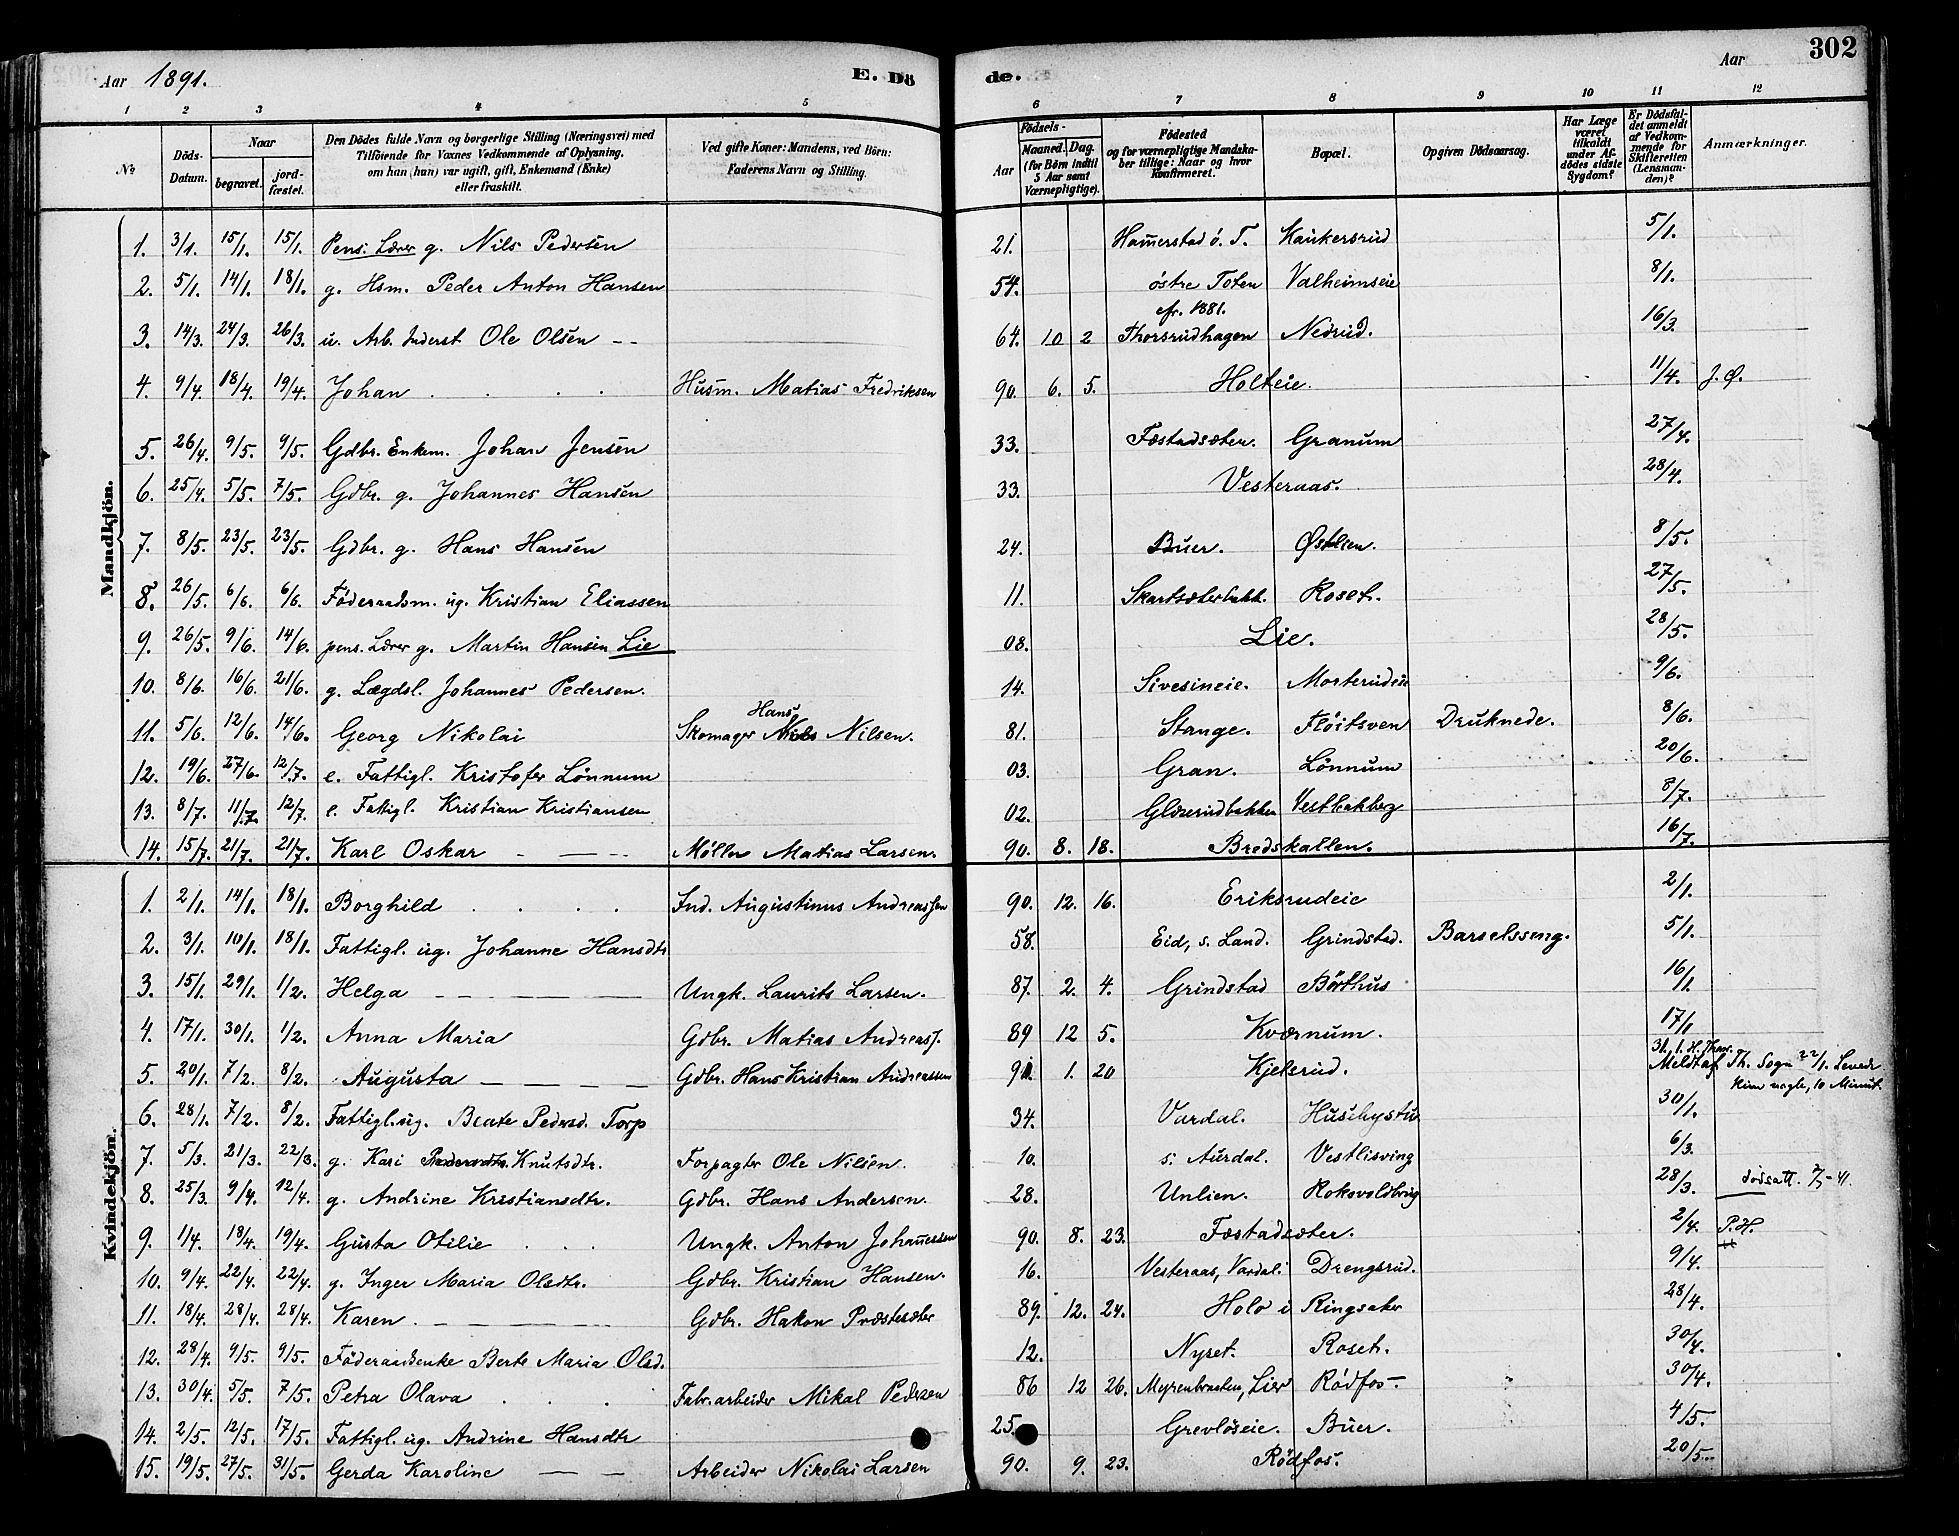 SAH, Vestre Toten prestekontor, Ministerialbok nr. 9, 1878-1894, s. 302